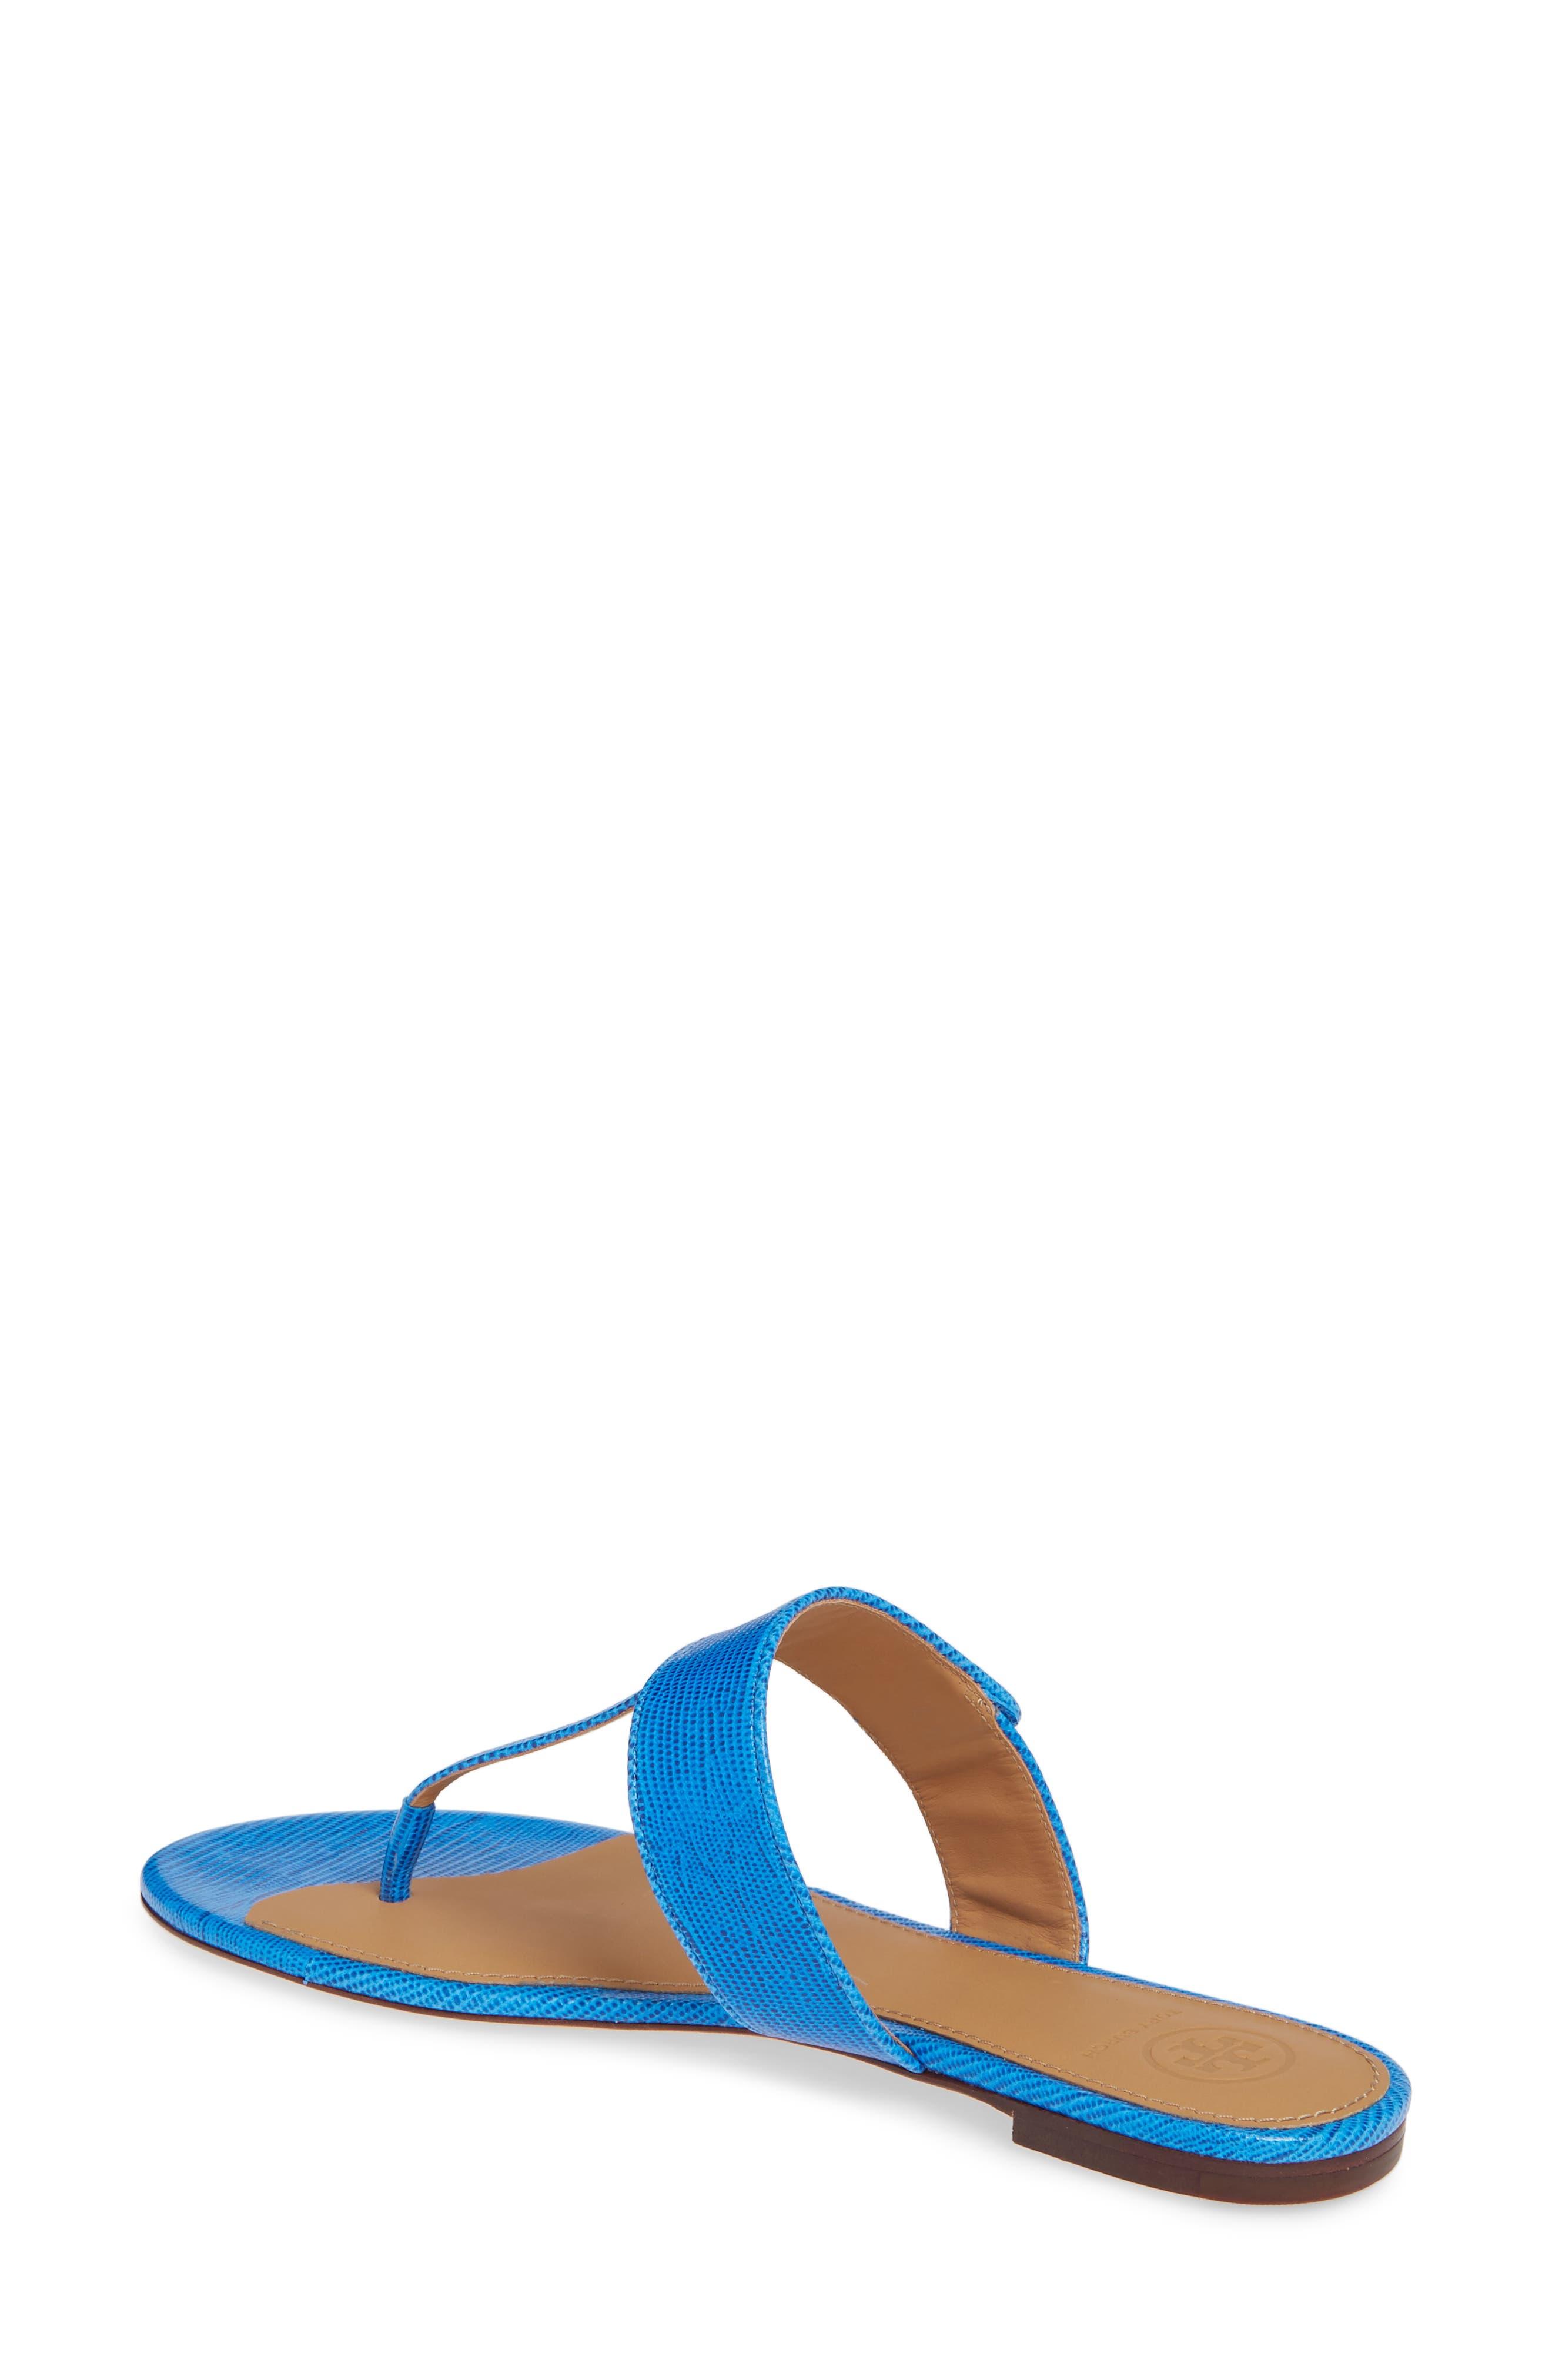 Tory Burch Kira Thong Sandal- Blue